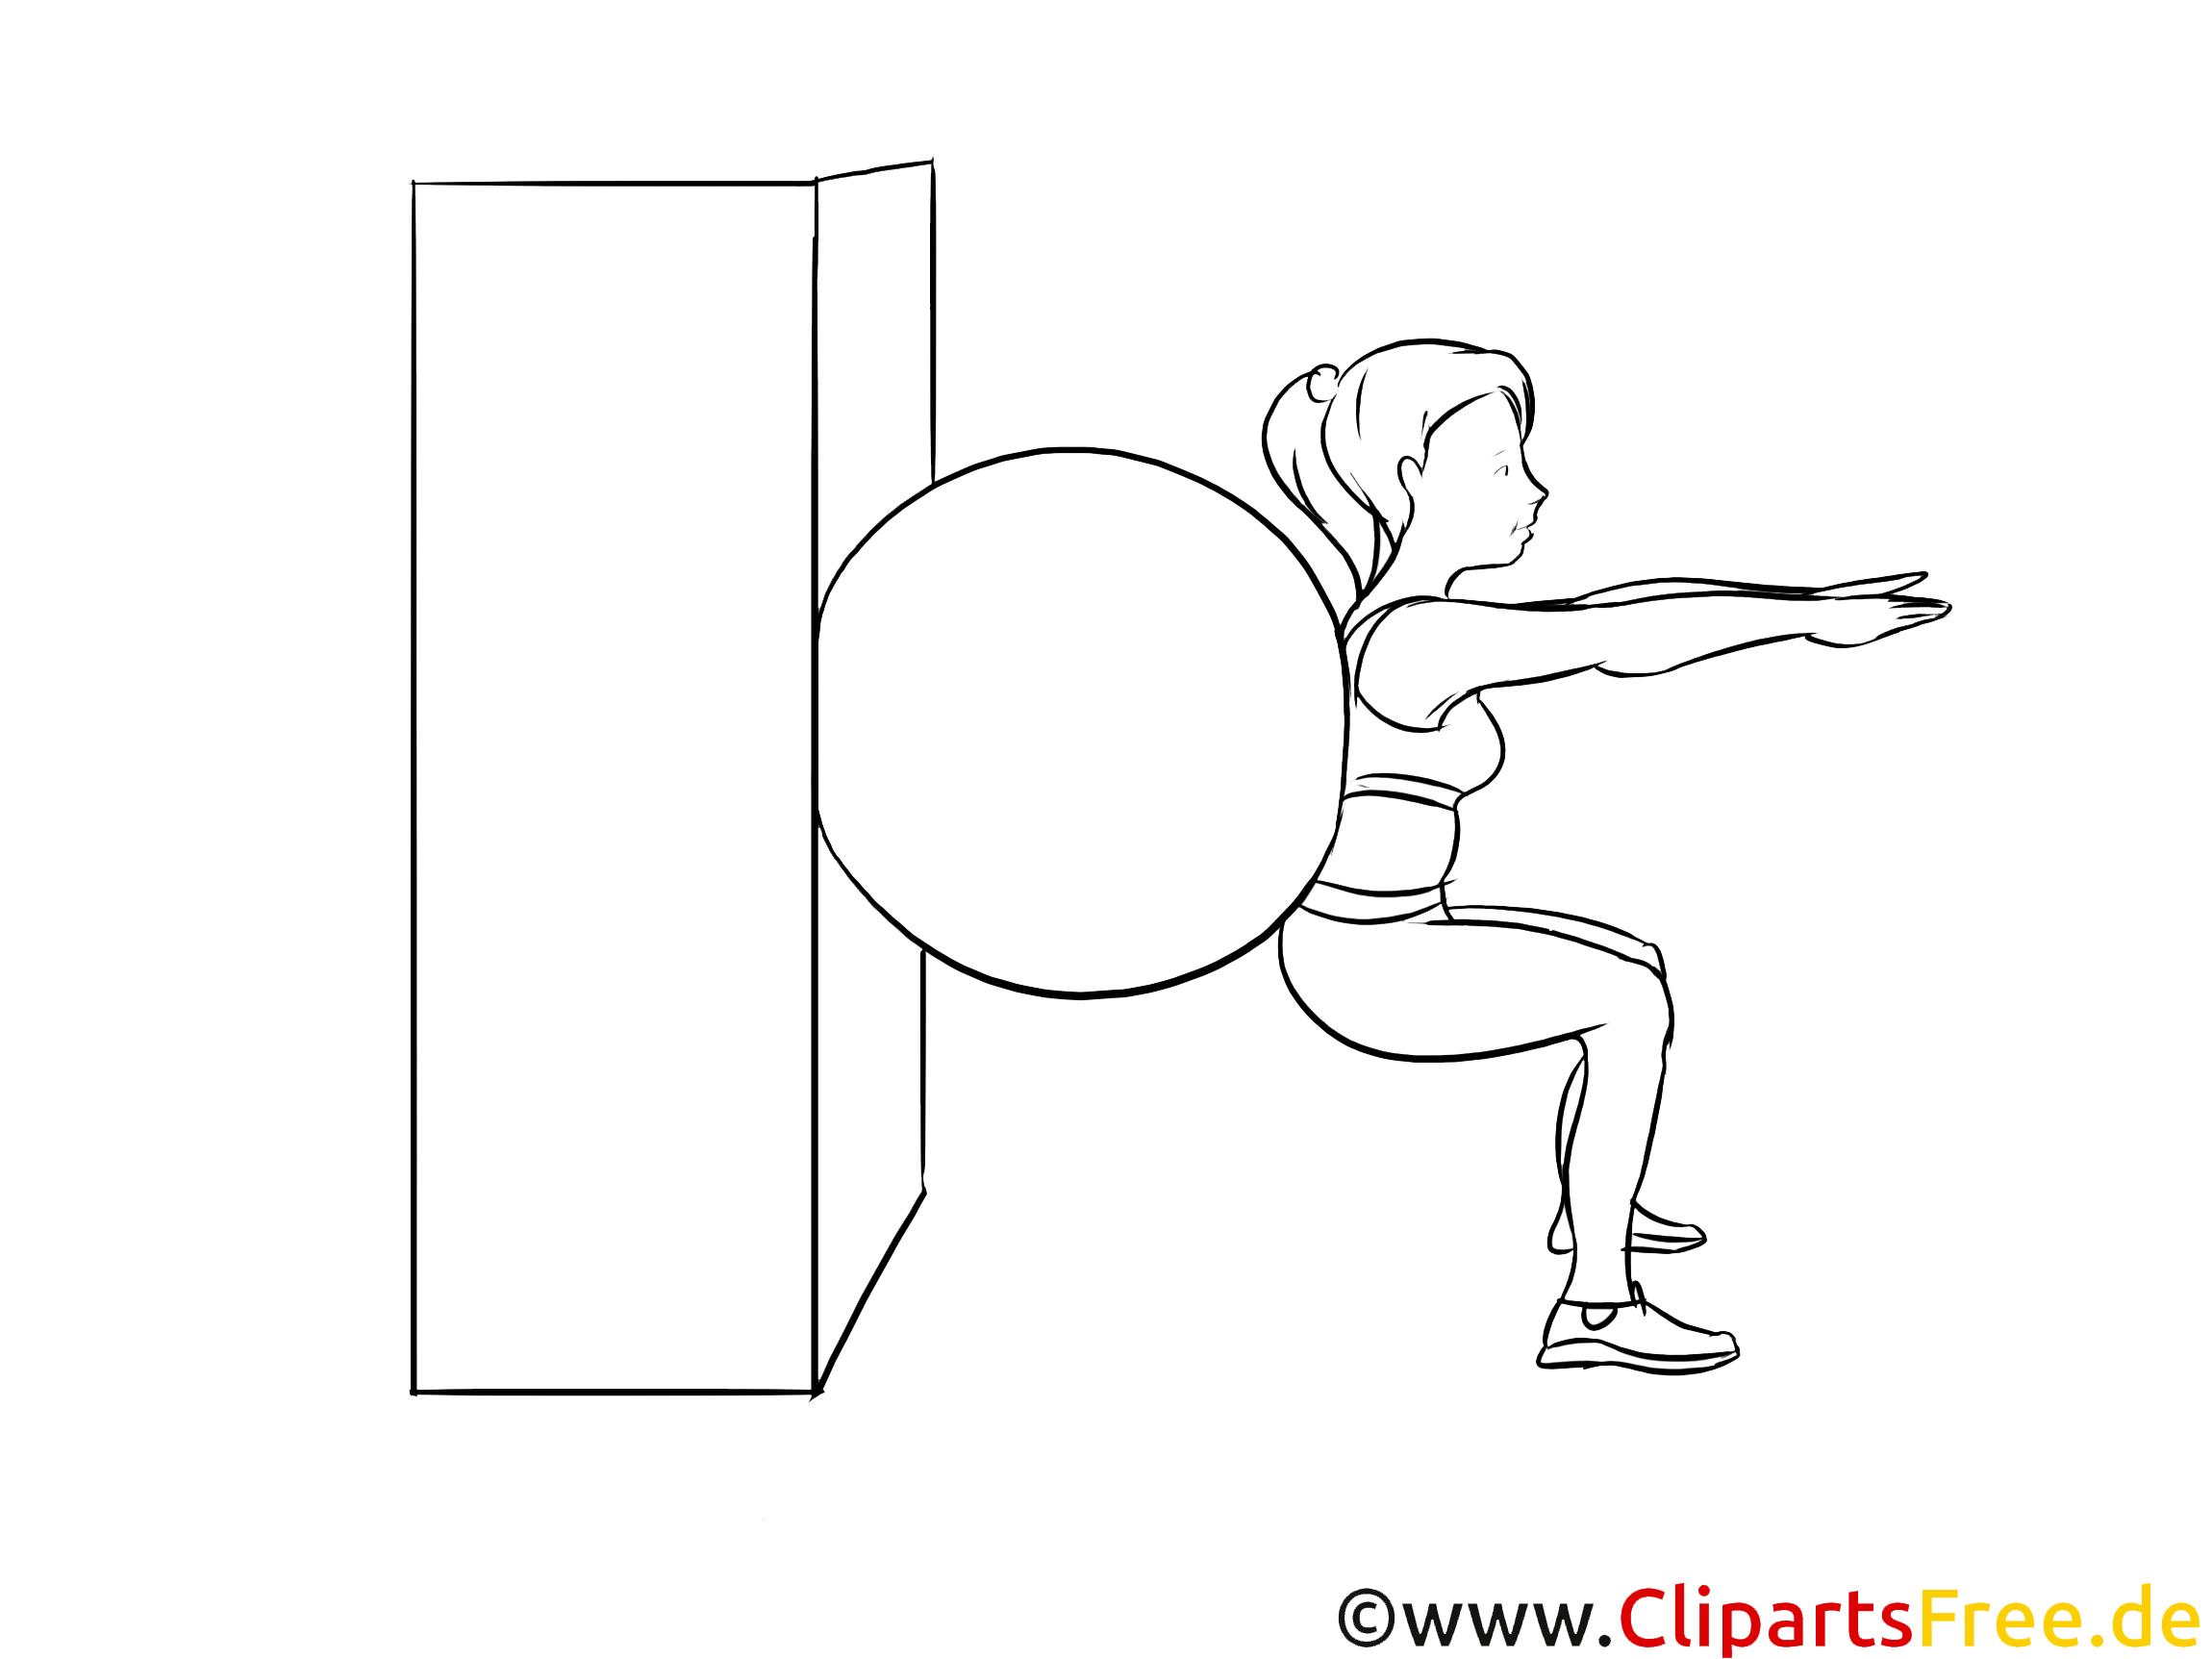 Fitness Frau PNG Illustration, Zeichnung, Bild schwarz-weiss